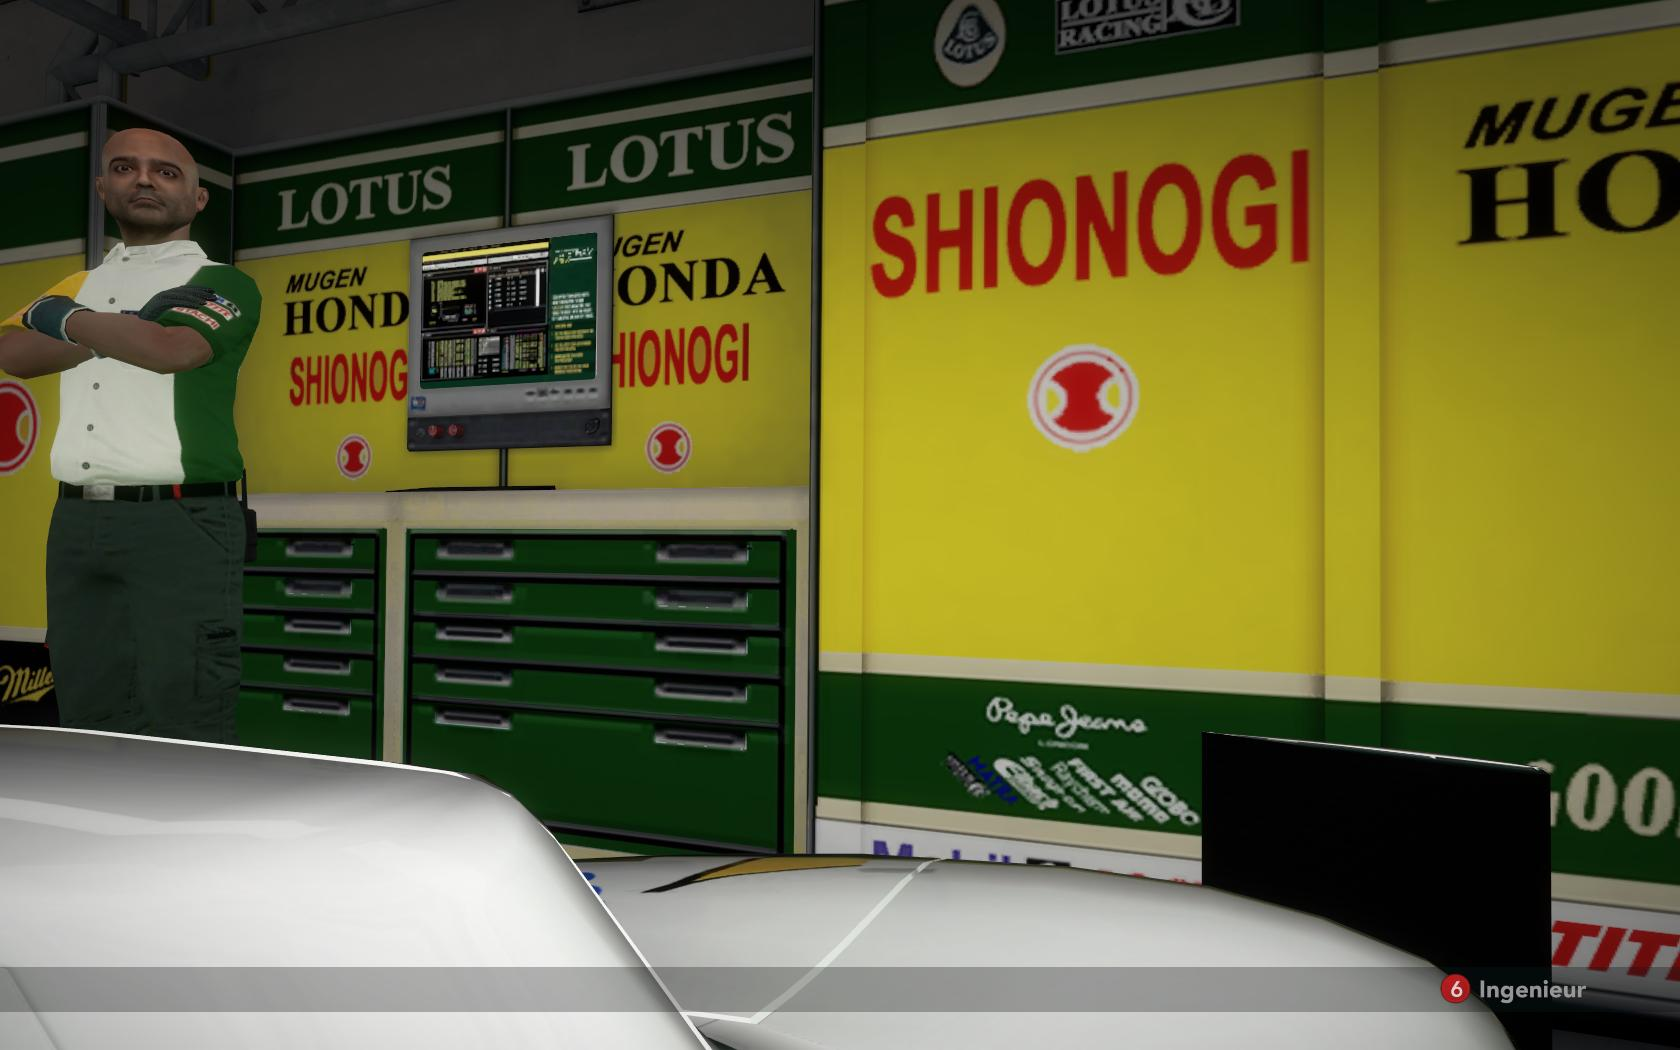 1994-Lotus-garage.jpg